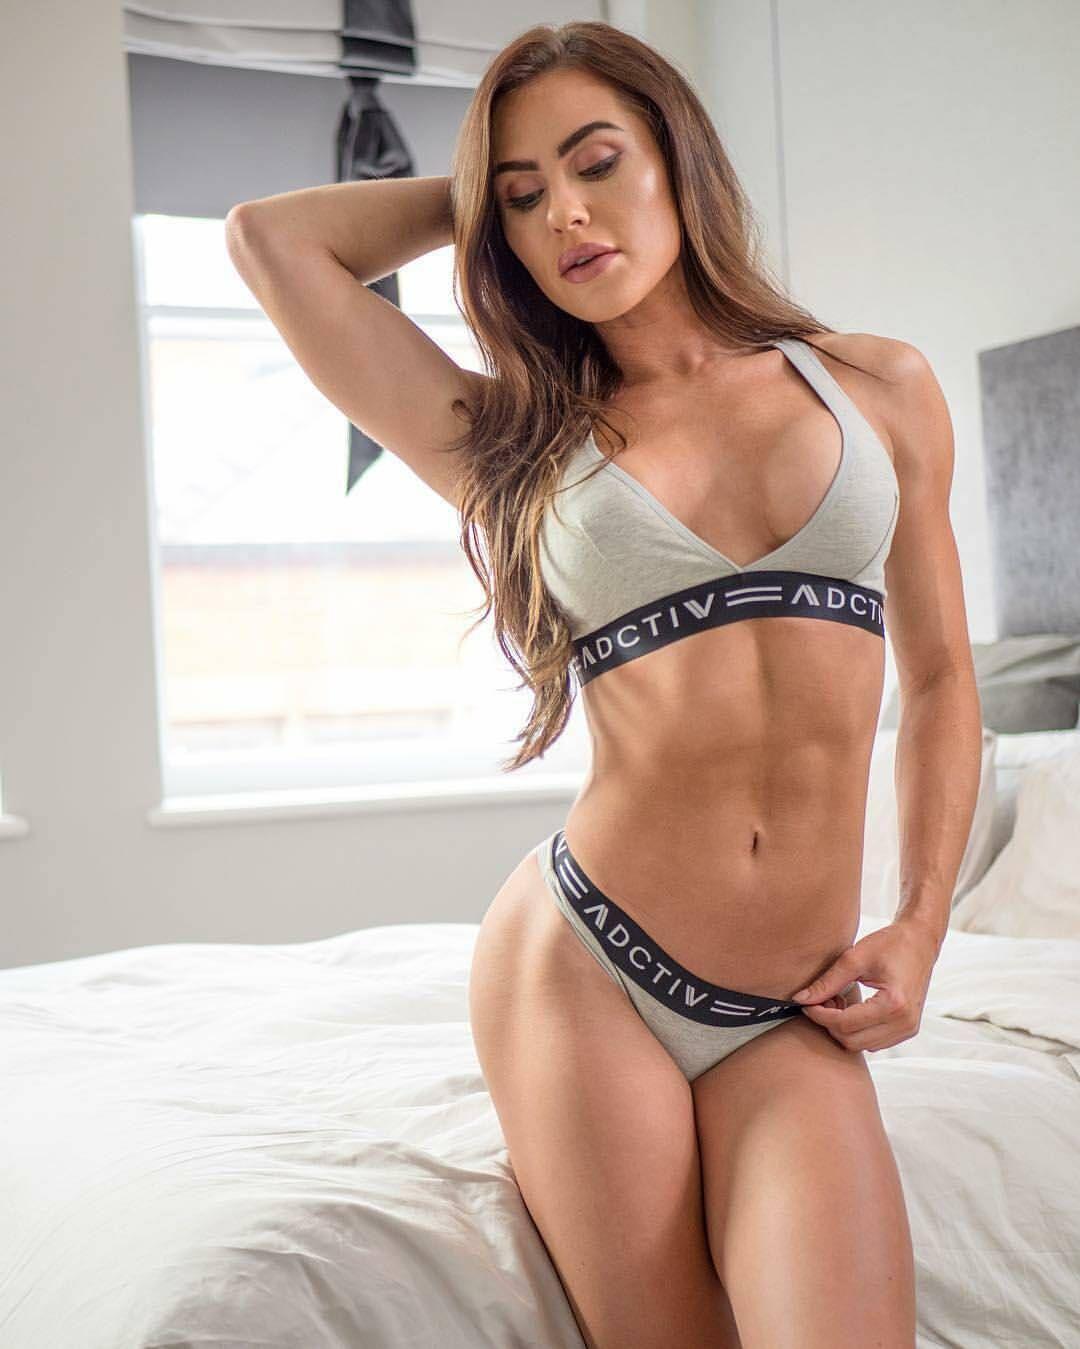 bigbutt #butt #roundbutt #perfection #perfect #beautiful #ass